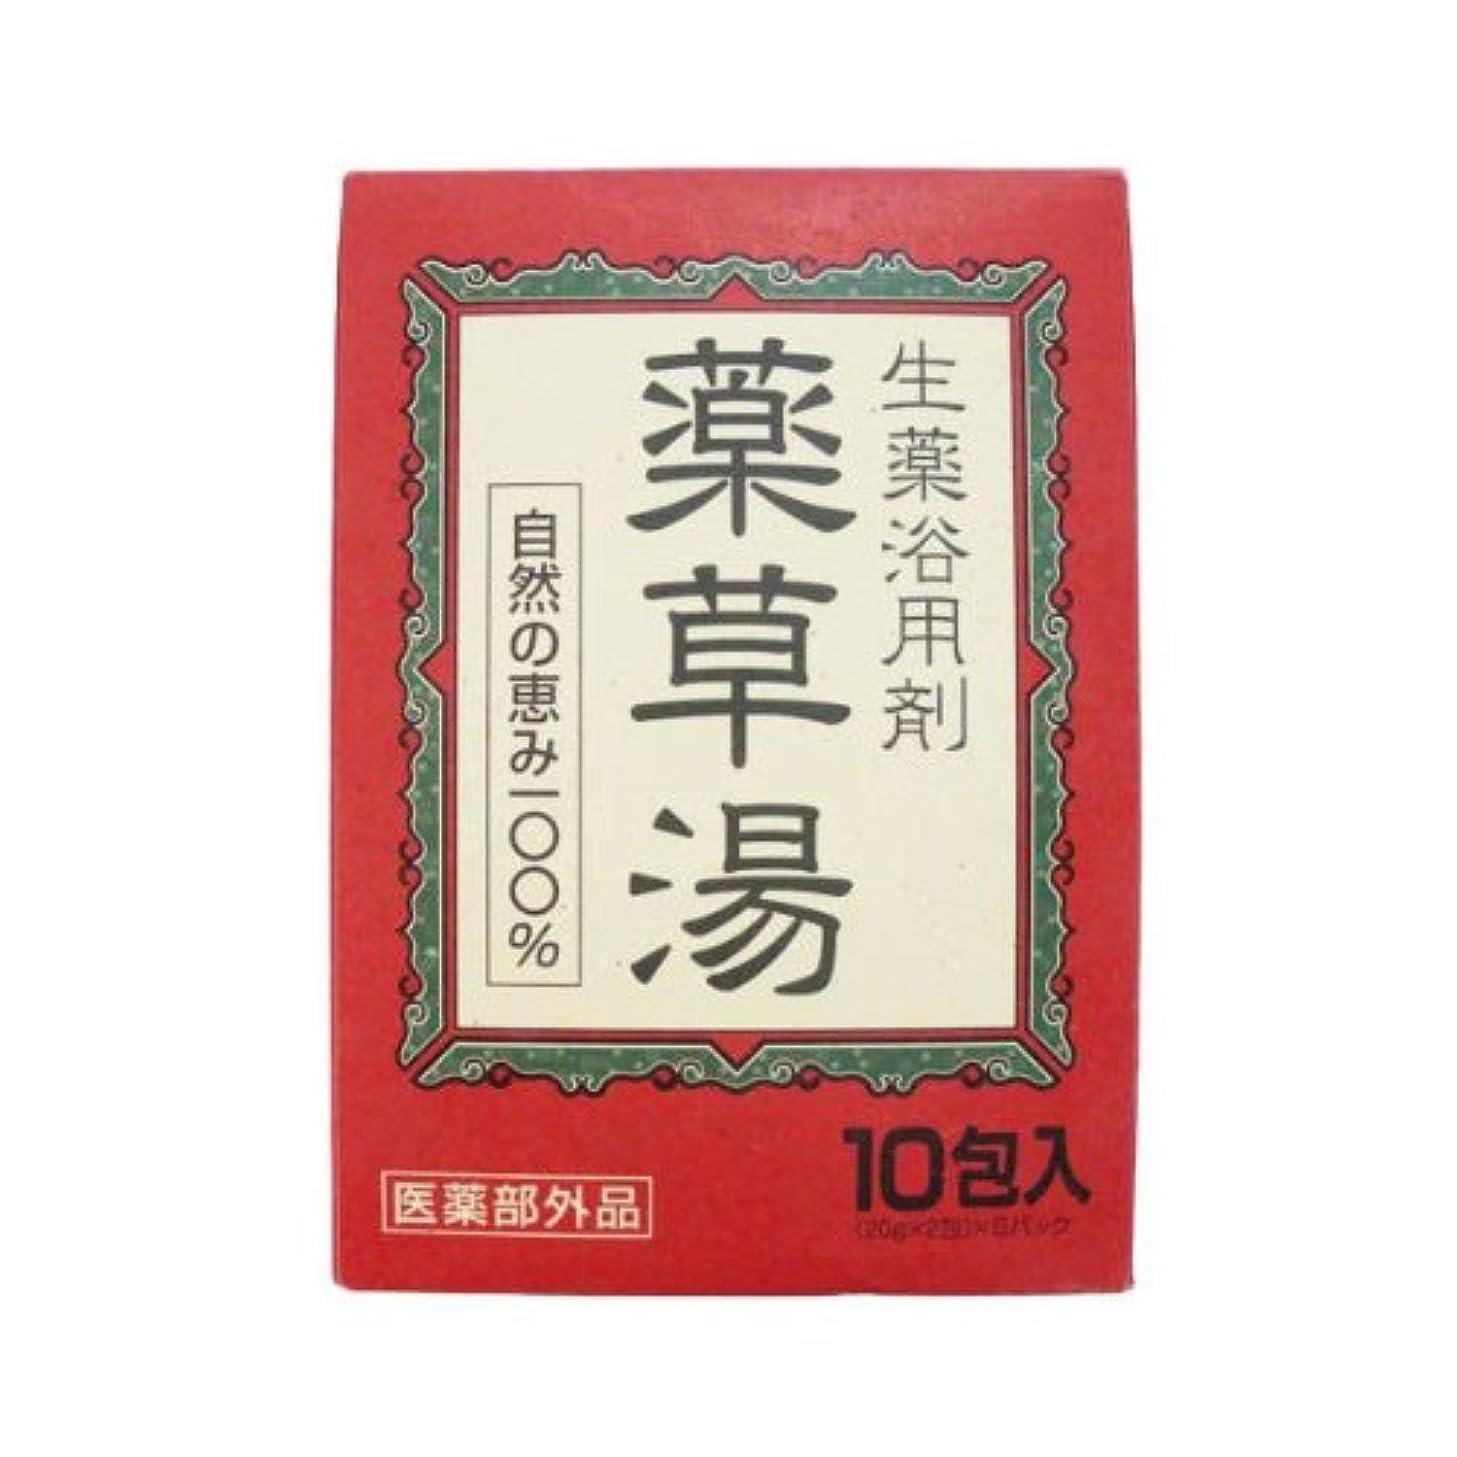 ライナー密度批判的VVN生薬入浴剤薬草湯10包×(20セット)